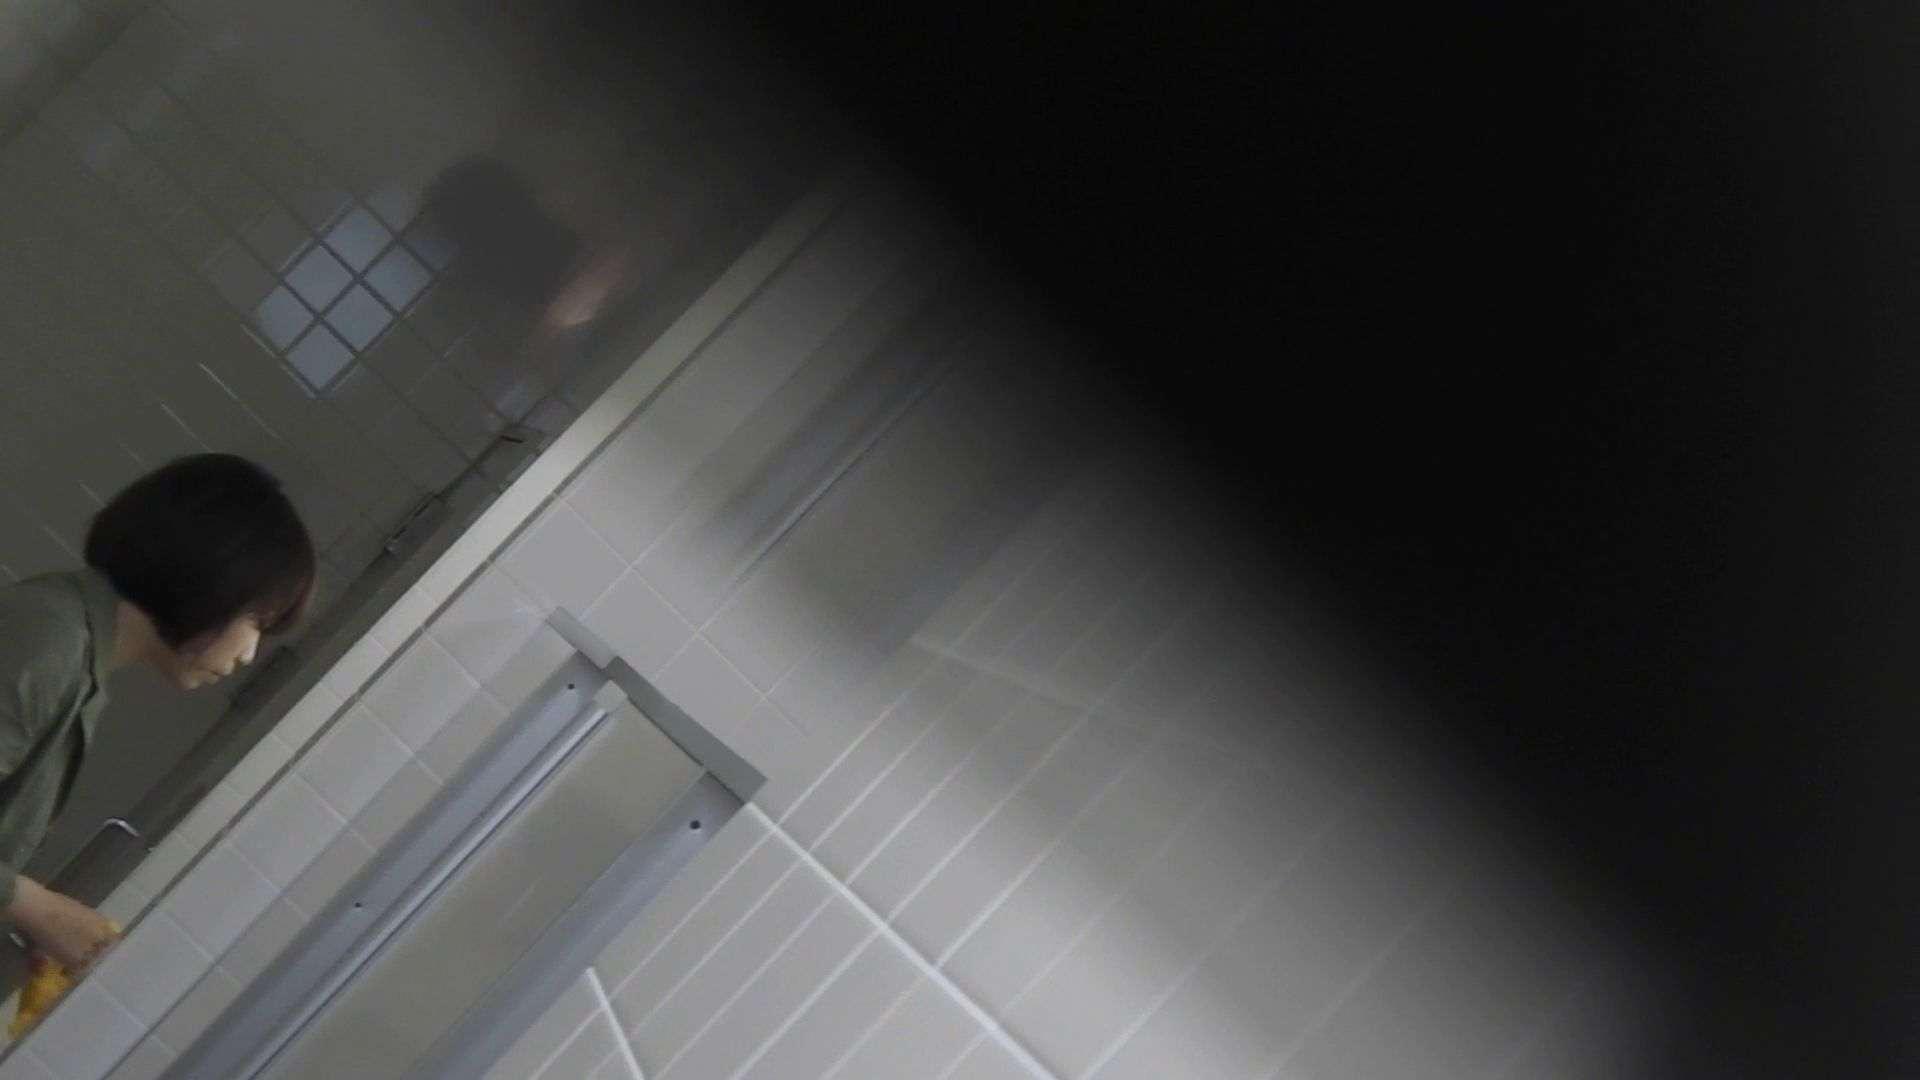 vol.09 命がけ潜伏洗面所! 残念!パンツについちゃいました。 洗面所 覗きおまんこ画像 91pic 22